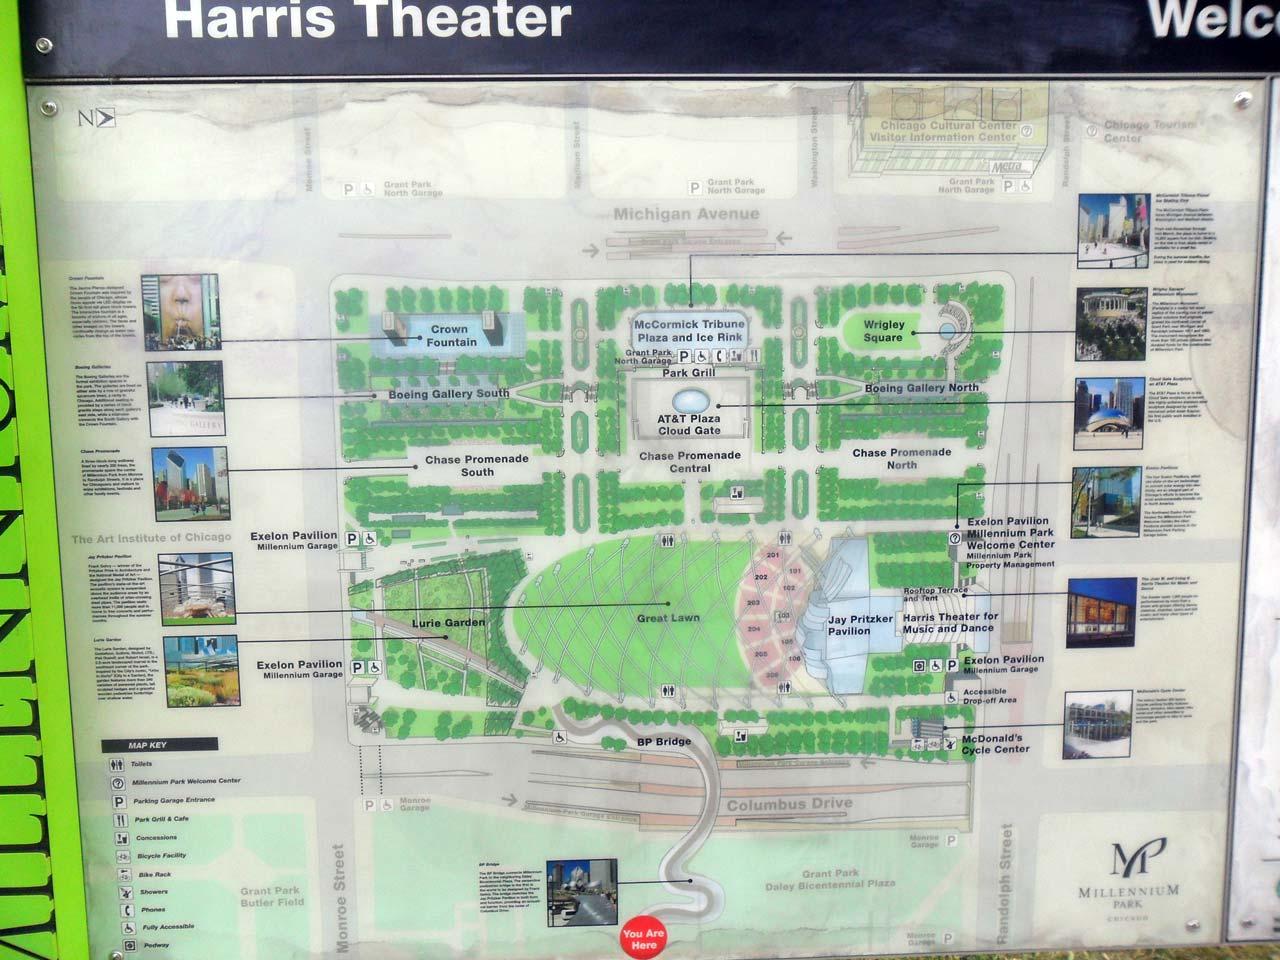 Millenium Park haritası